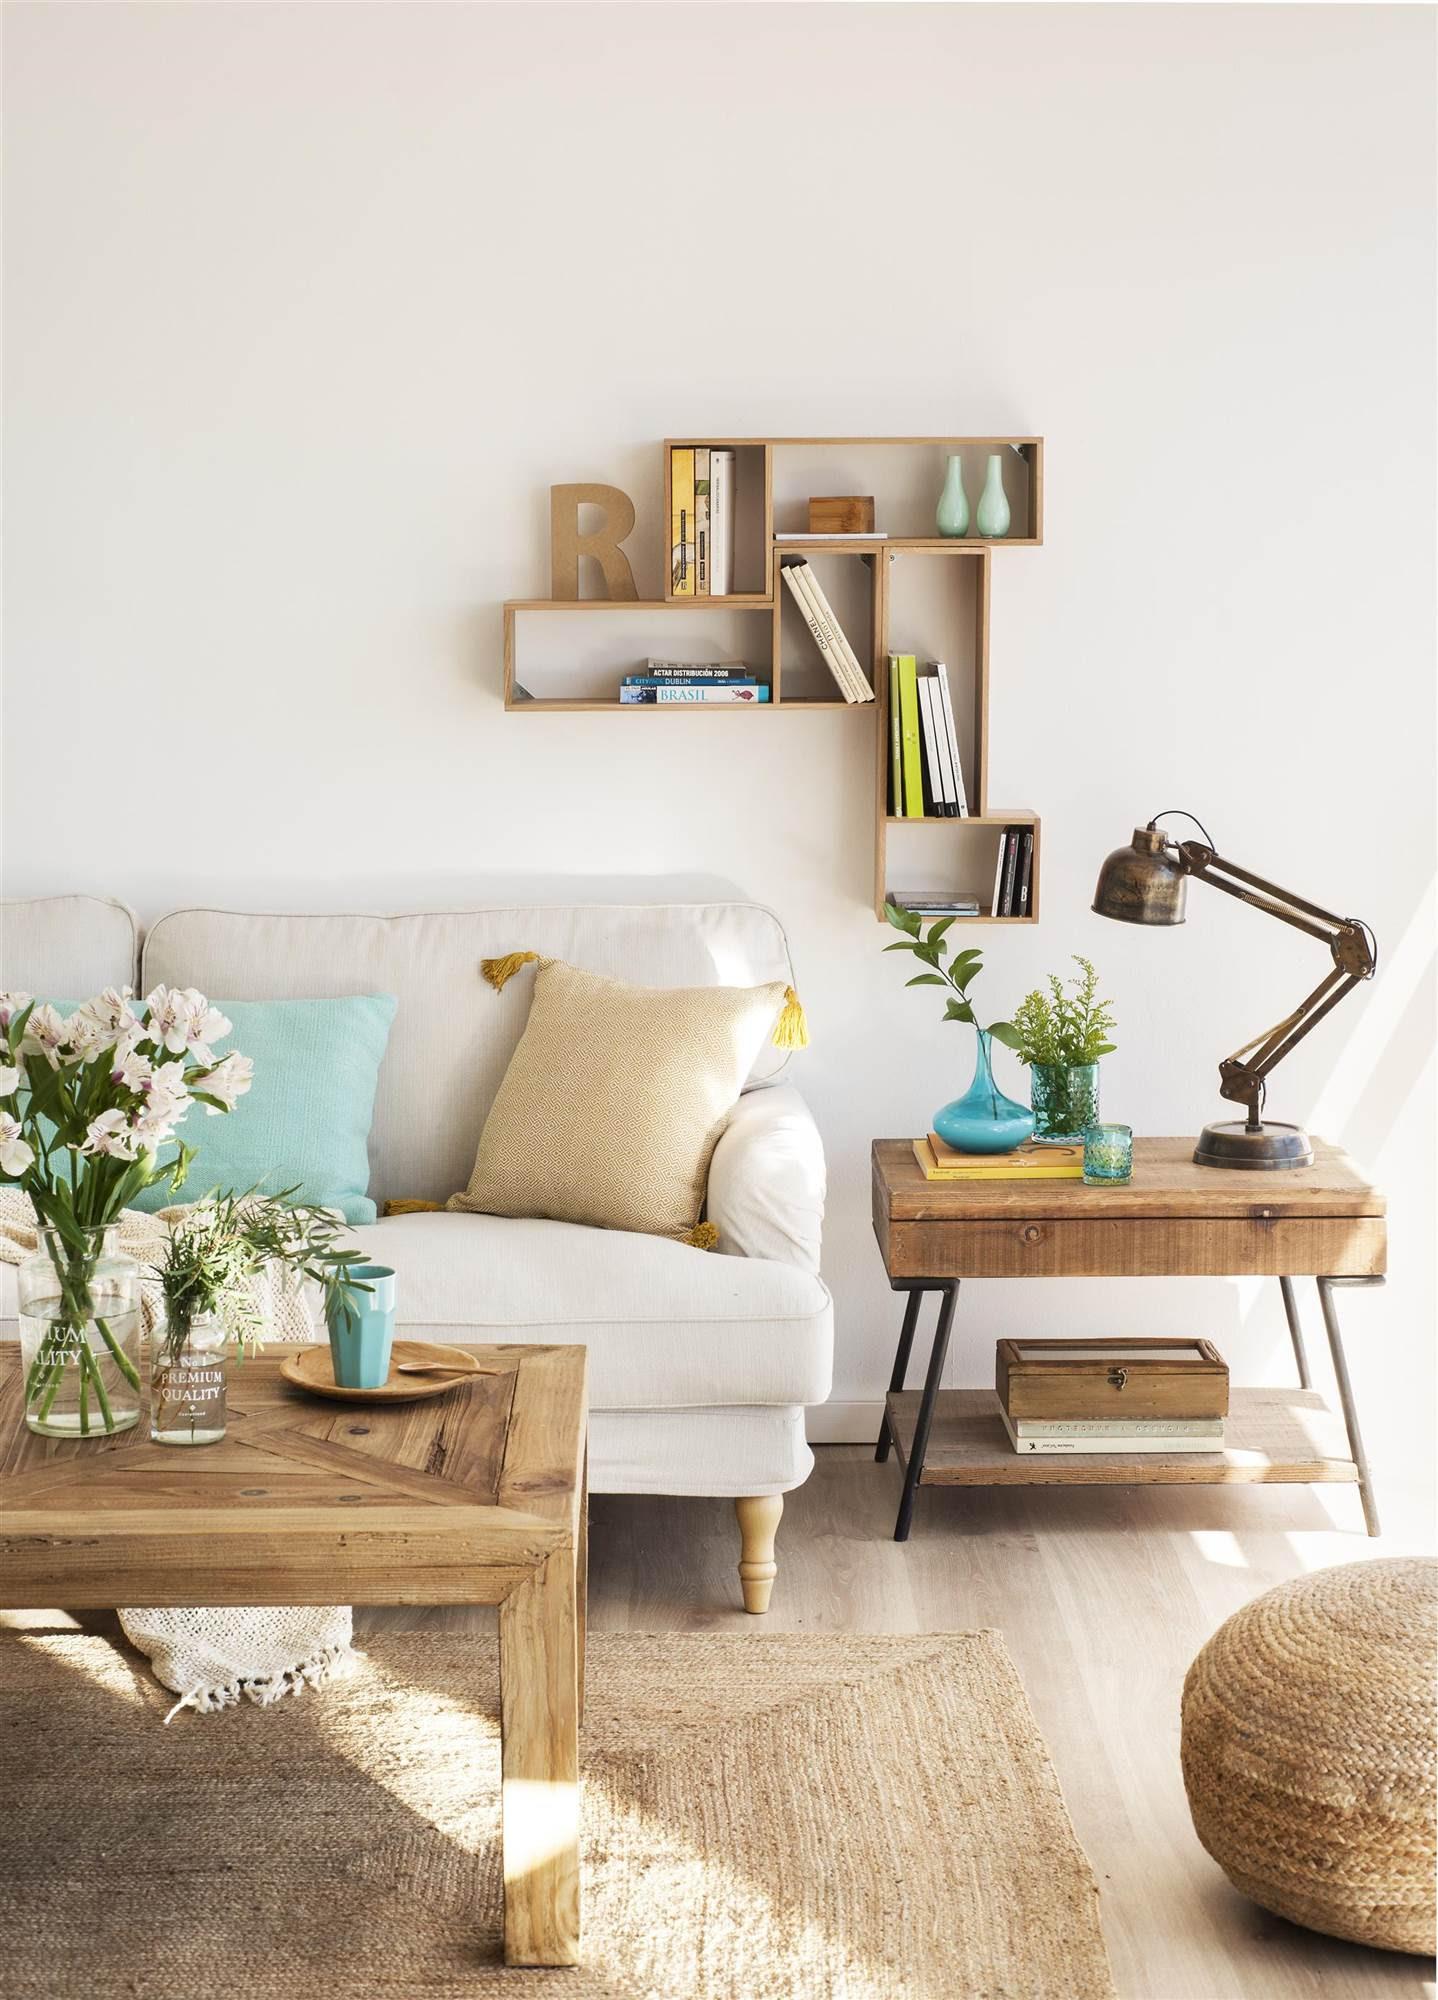 00433242. Salón con un sofá blanco, una mesa de madera y una estantería con compartimentos en la pared_00433242